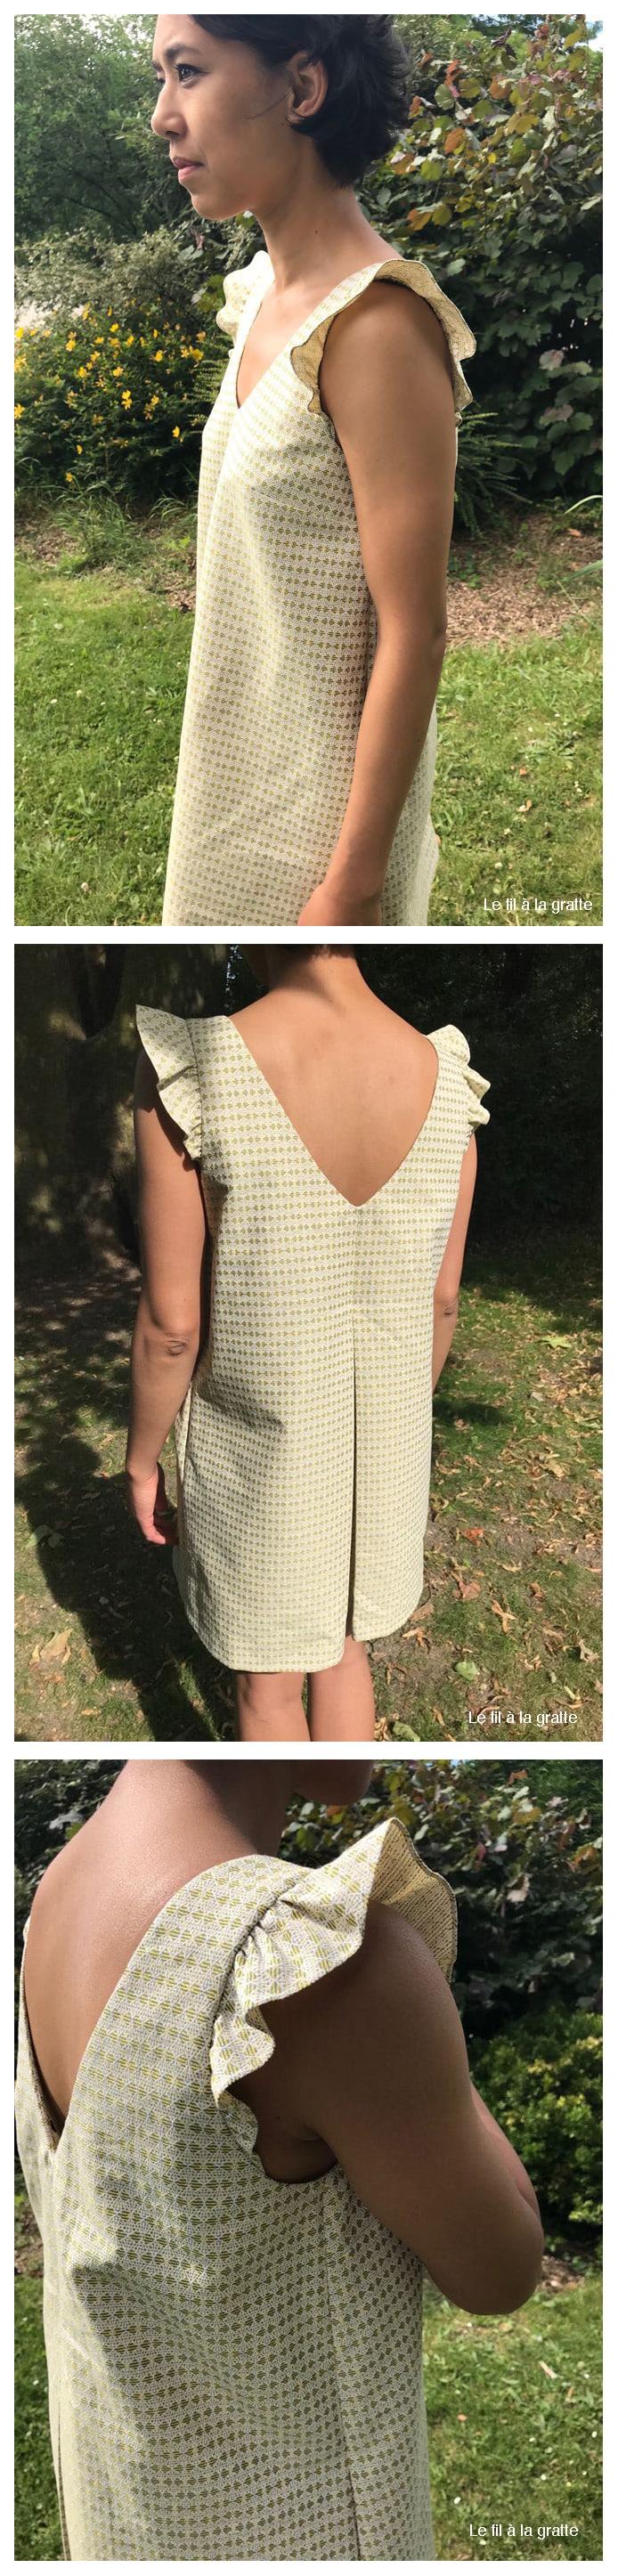 Cool Pharaon - Le fil a la gratte - Robe inspiration Laure de Sagazan - vue côté et dos